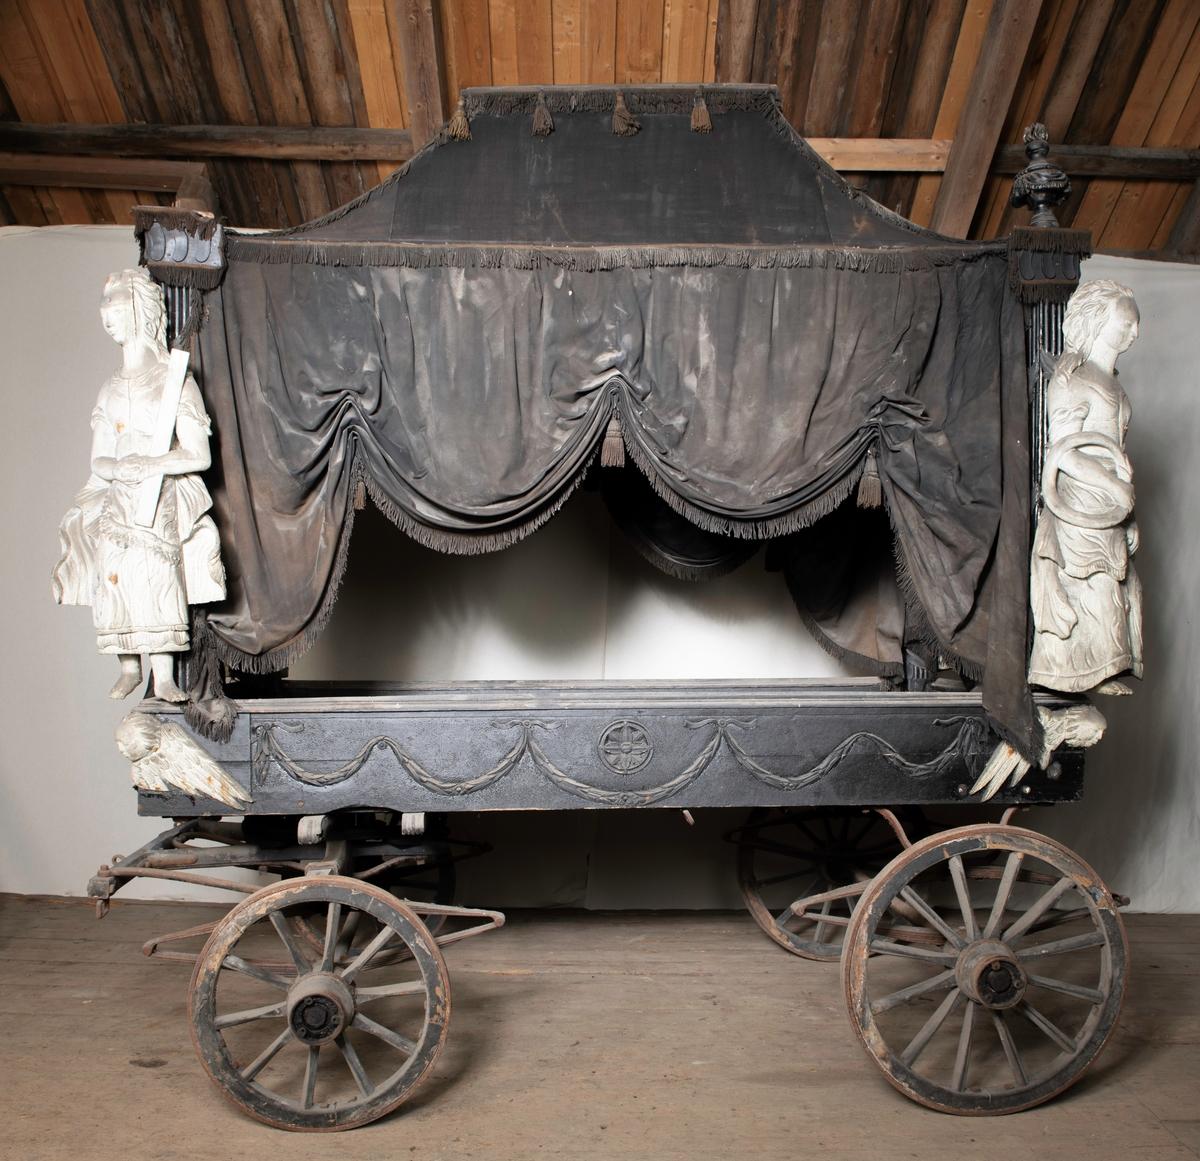 Likvogn med sort firkantet fating dekorert med blomster og guirlandere på sidene. I hvert av fatingens hjørner er det et bevinget hode, seraf. I hvert hjørne av vognen er det en skulptur i form av kvinne. Hver holder et attributt. Skulpturene er i utskåret tre, hvitmalte. Vognen er drapert med sort tekstil med frynser langs kantene og possementer. To av hjørnene på toppen har utskårne urneformer med fakler. To mangler. Sekundært understell. Dette ser ut til å være produsert til – eller tilpasset – vognen. Undervognen er fra etter 1900 (jf. sekskantmuttere). Tre hjulmeier funnet, antatt tilhørende likvognen, men de er ikke oppført i museumsprotokollen.